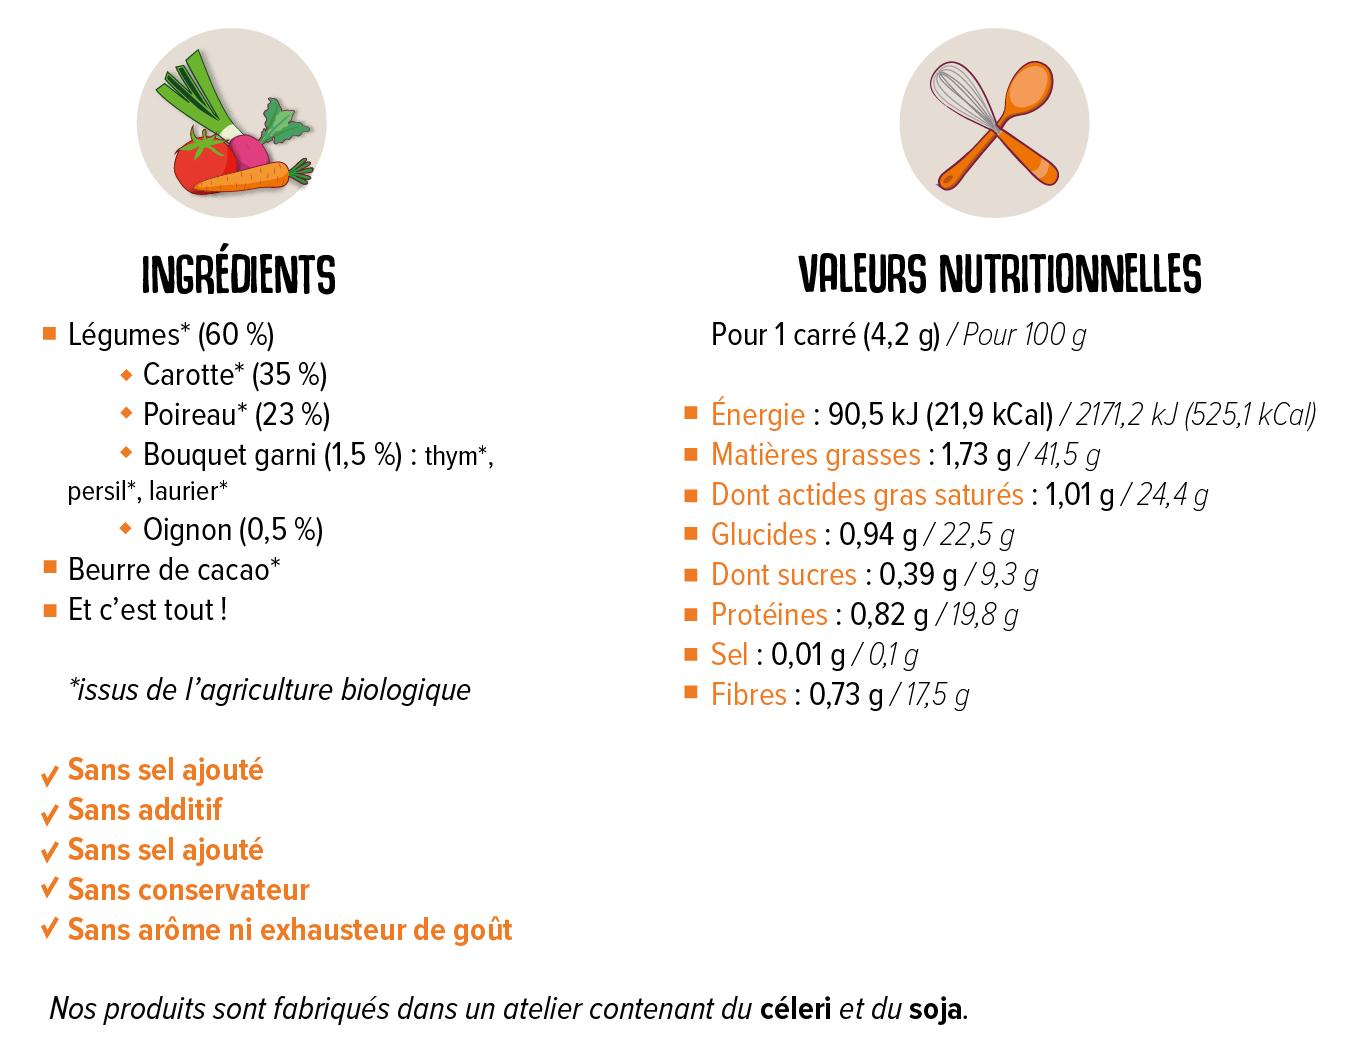 Valeurs nutritionnells et liste d'ingrédients de la tablette Bio Poireau Carotte Oignon Bouquet Garni